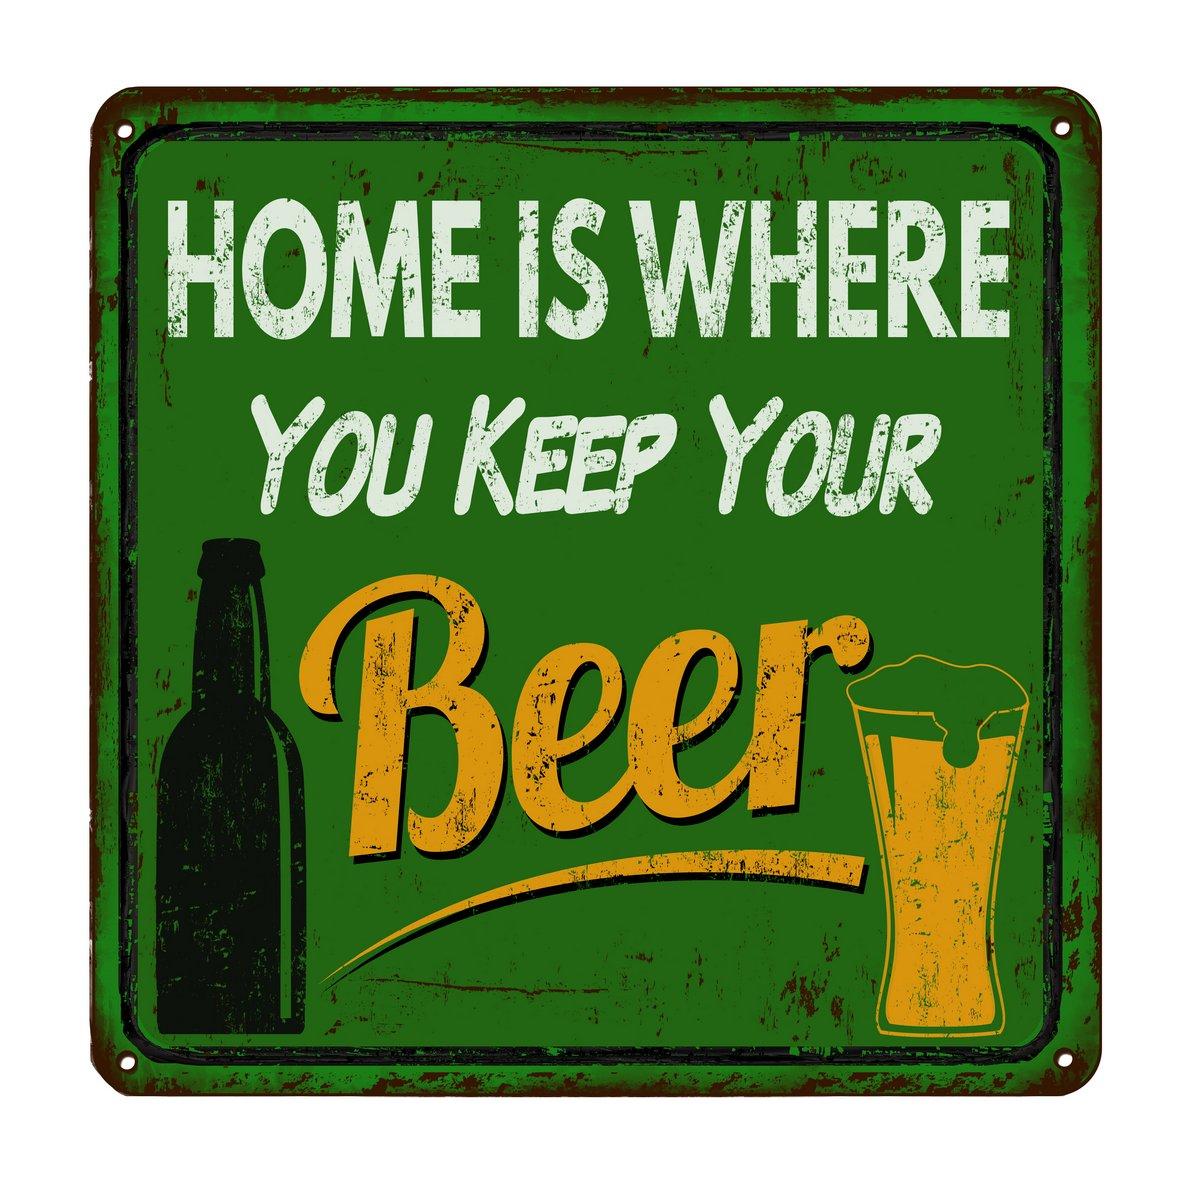 Постер-картина Смешные таблички Дом там, где вы держите ваше пиво старинные металлические знакСмешные таблички<br>Постер на холсте или бумаге. Любого нужного вам размера. В раме или без. Подвес в комплекте. Трехслойная надежная упаковка. Доставим в любую точку России. Вам осталось только повесить картину на стену!<br>